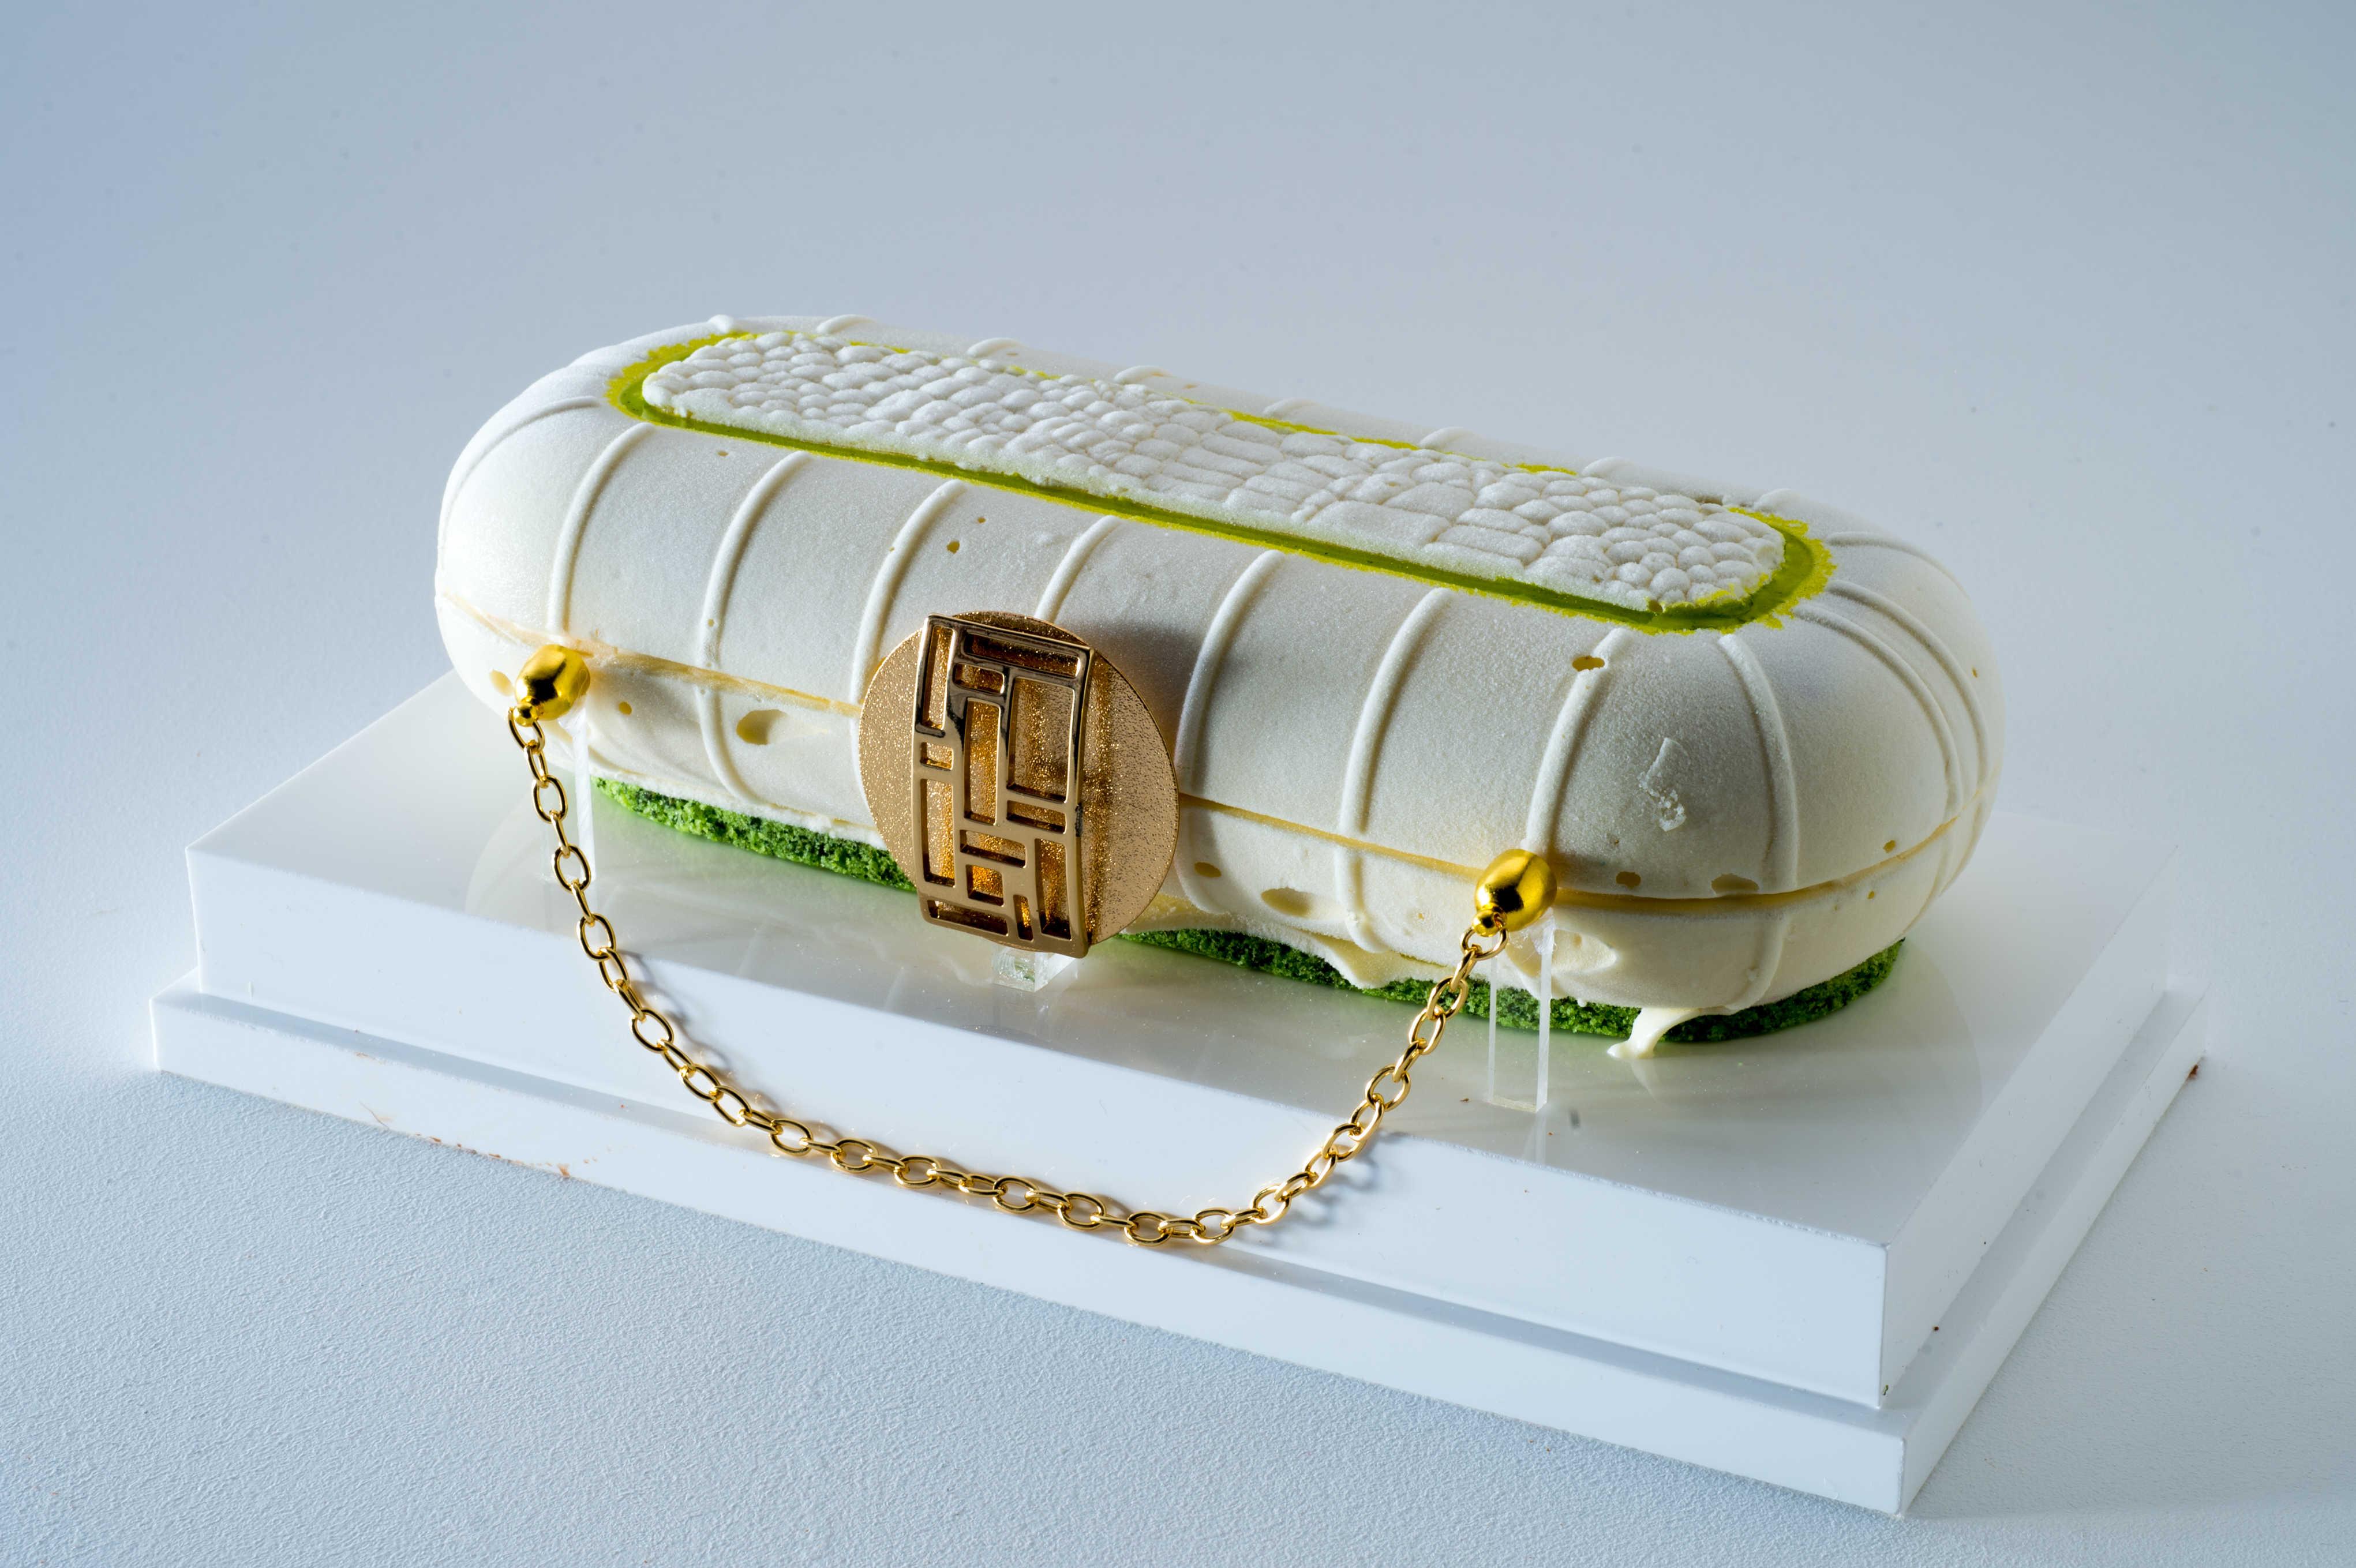 Coupe du monde de pâtisserie : Entremets fruits - Suède